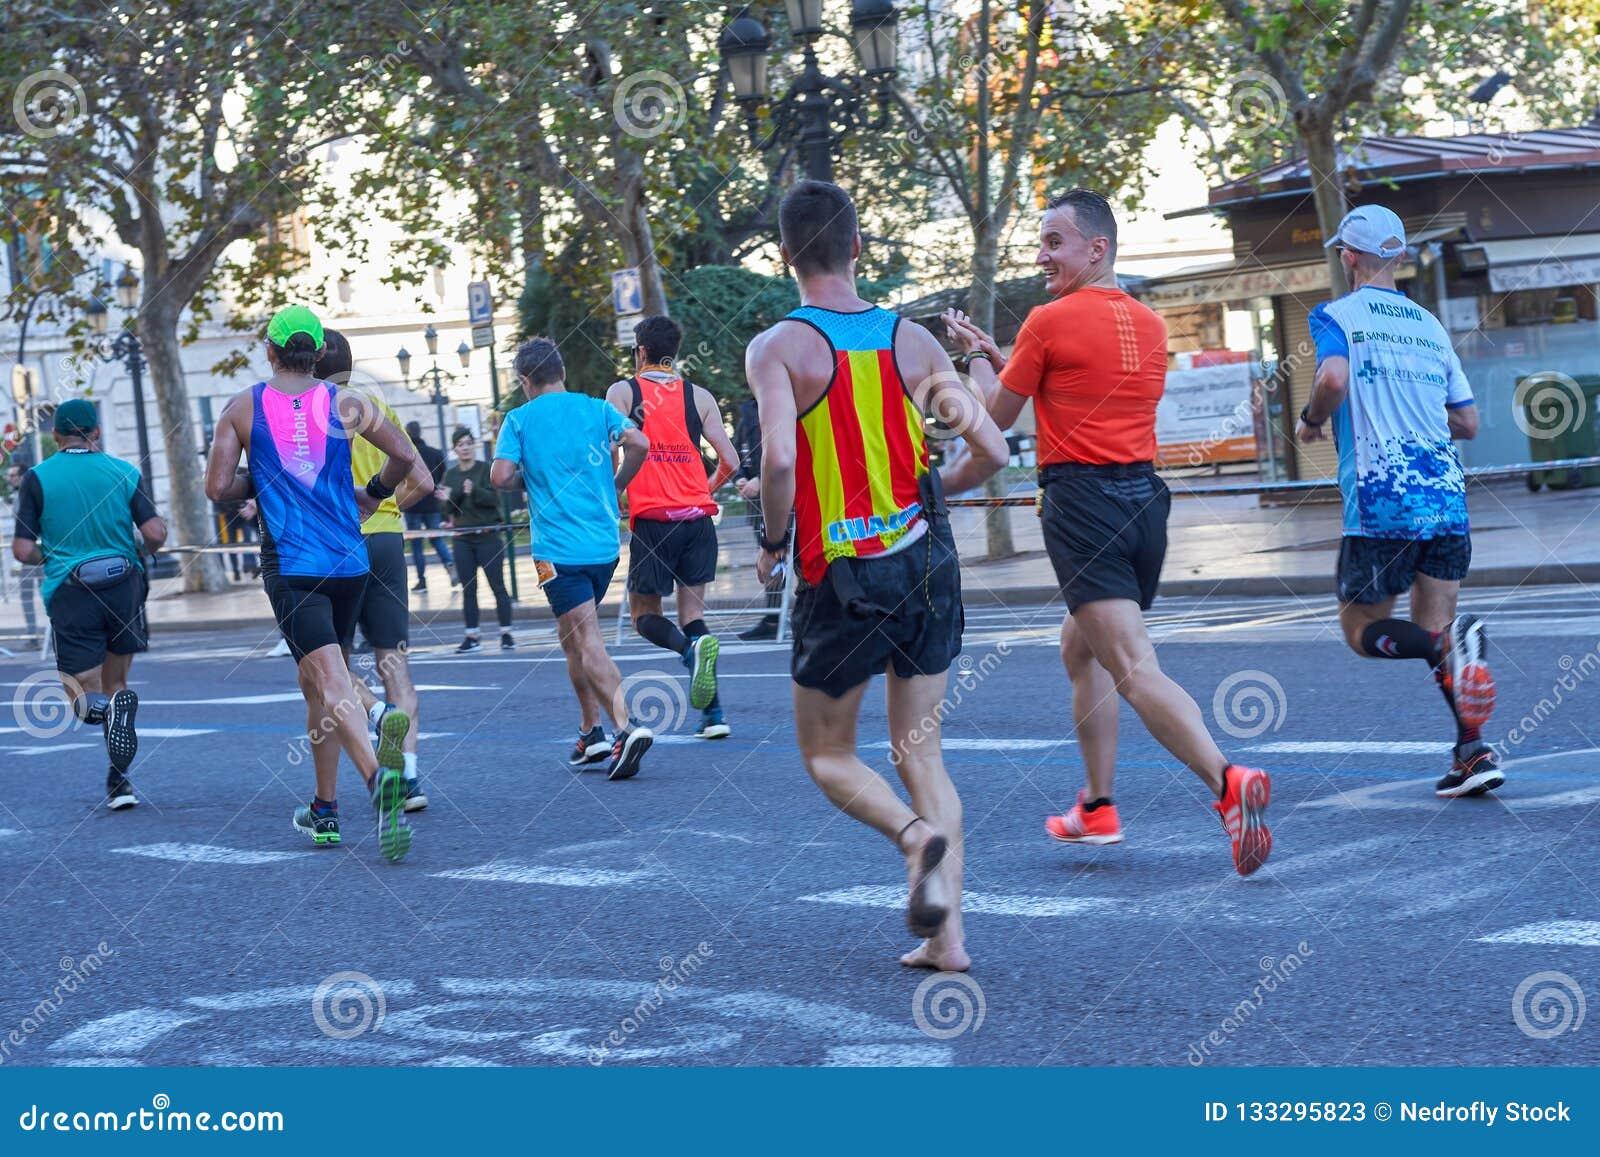 VALENCIA, ESPAÑA - 2 DE DICIEMBRE: El corredor compite sin los zapatos en el XXXVIII Valencia Marathon el 18 de diciembre de 2018